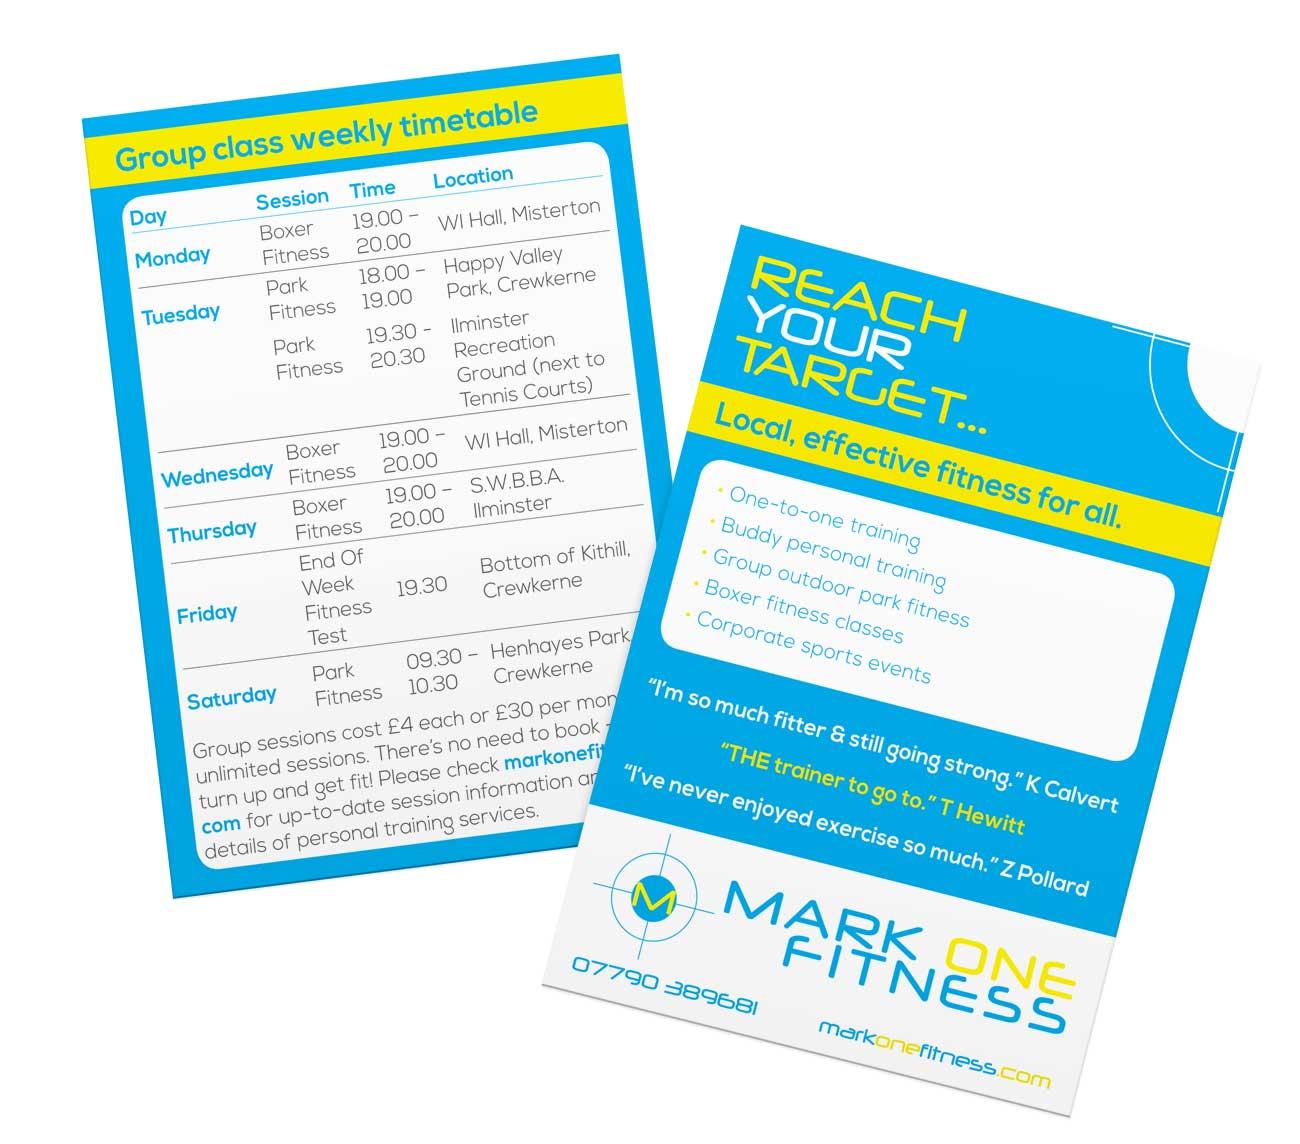 Crewkerne leaflet design